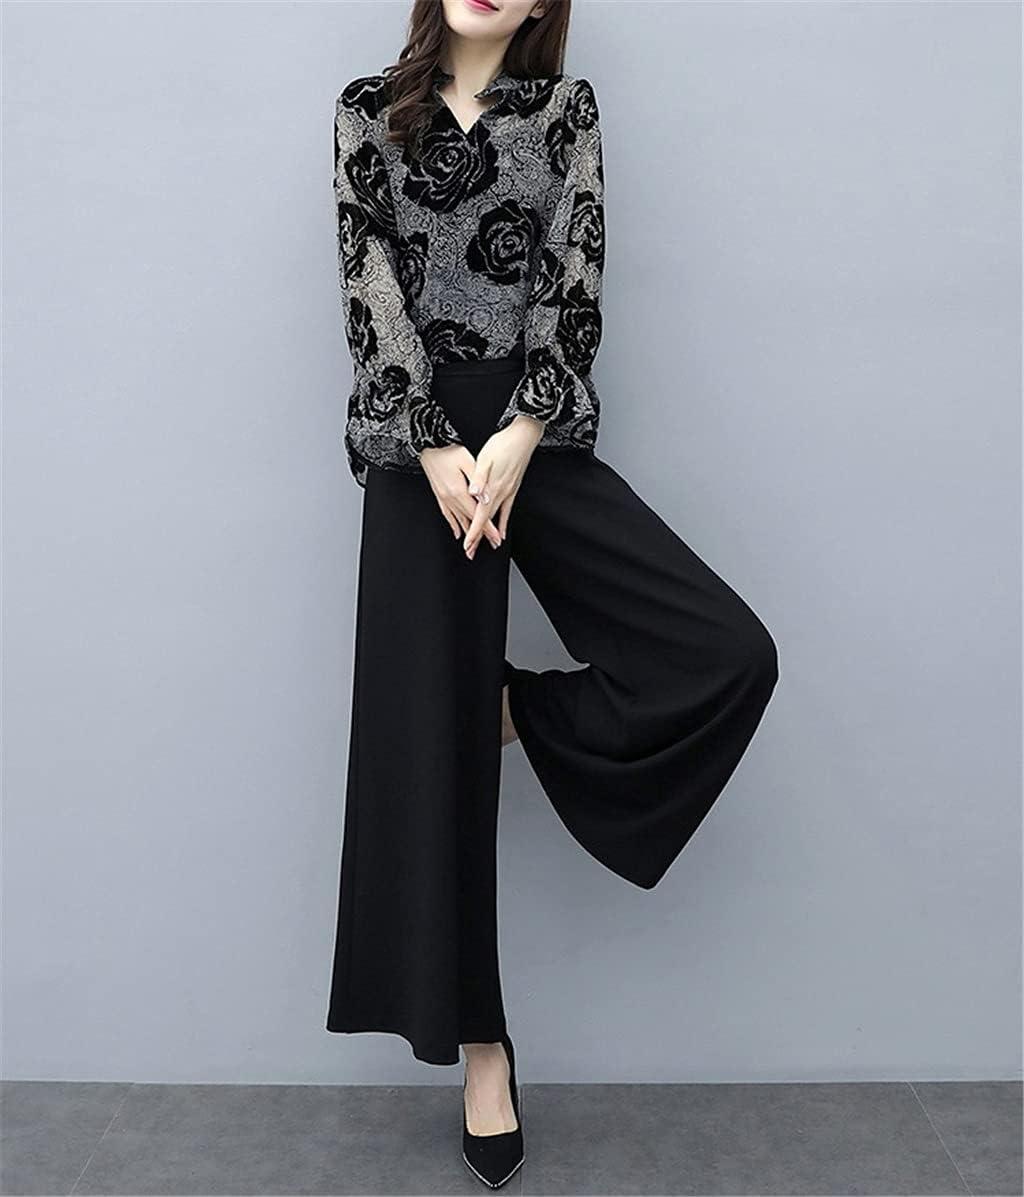 JJZXC Womens Summer 2 Piece Sets Floral Print Flare Sleeve Long Top + Plus Size Black Pants Suit Elegant Women Vintage Sets (Color : Black, Size : M Code)